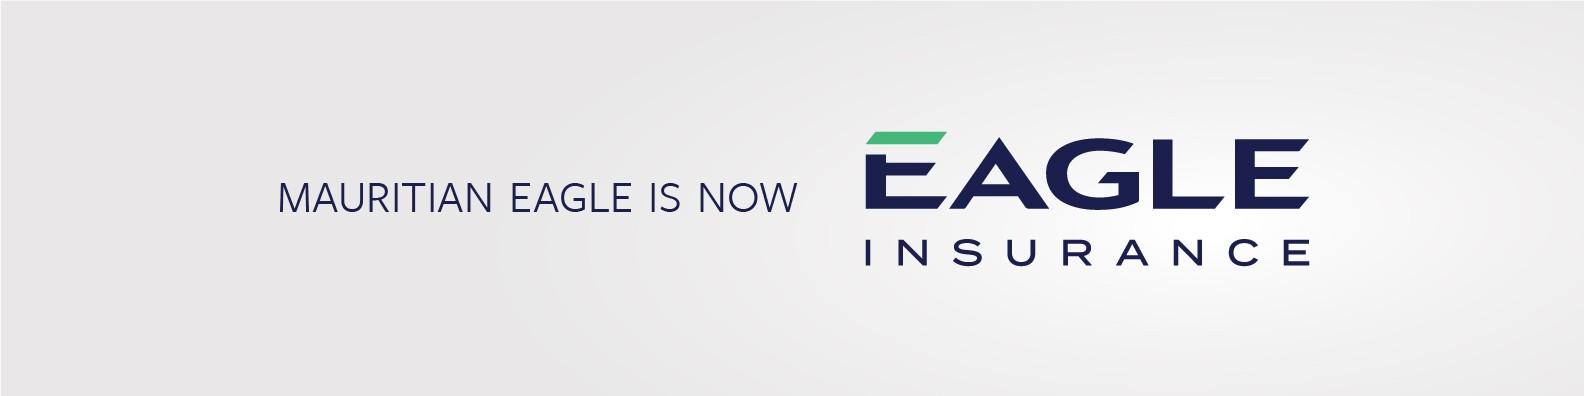 Eagle Insurance Linkedin